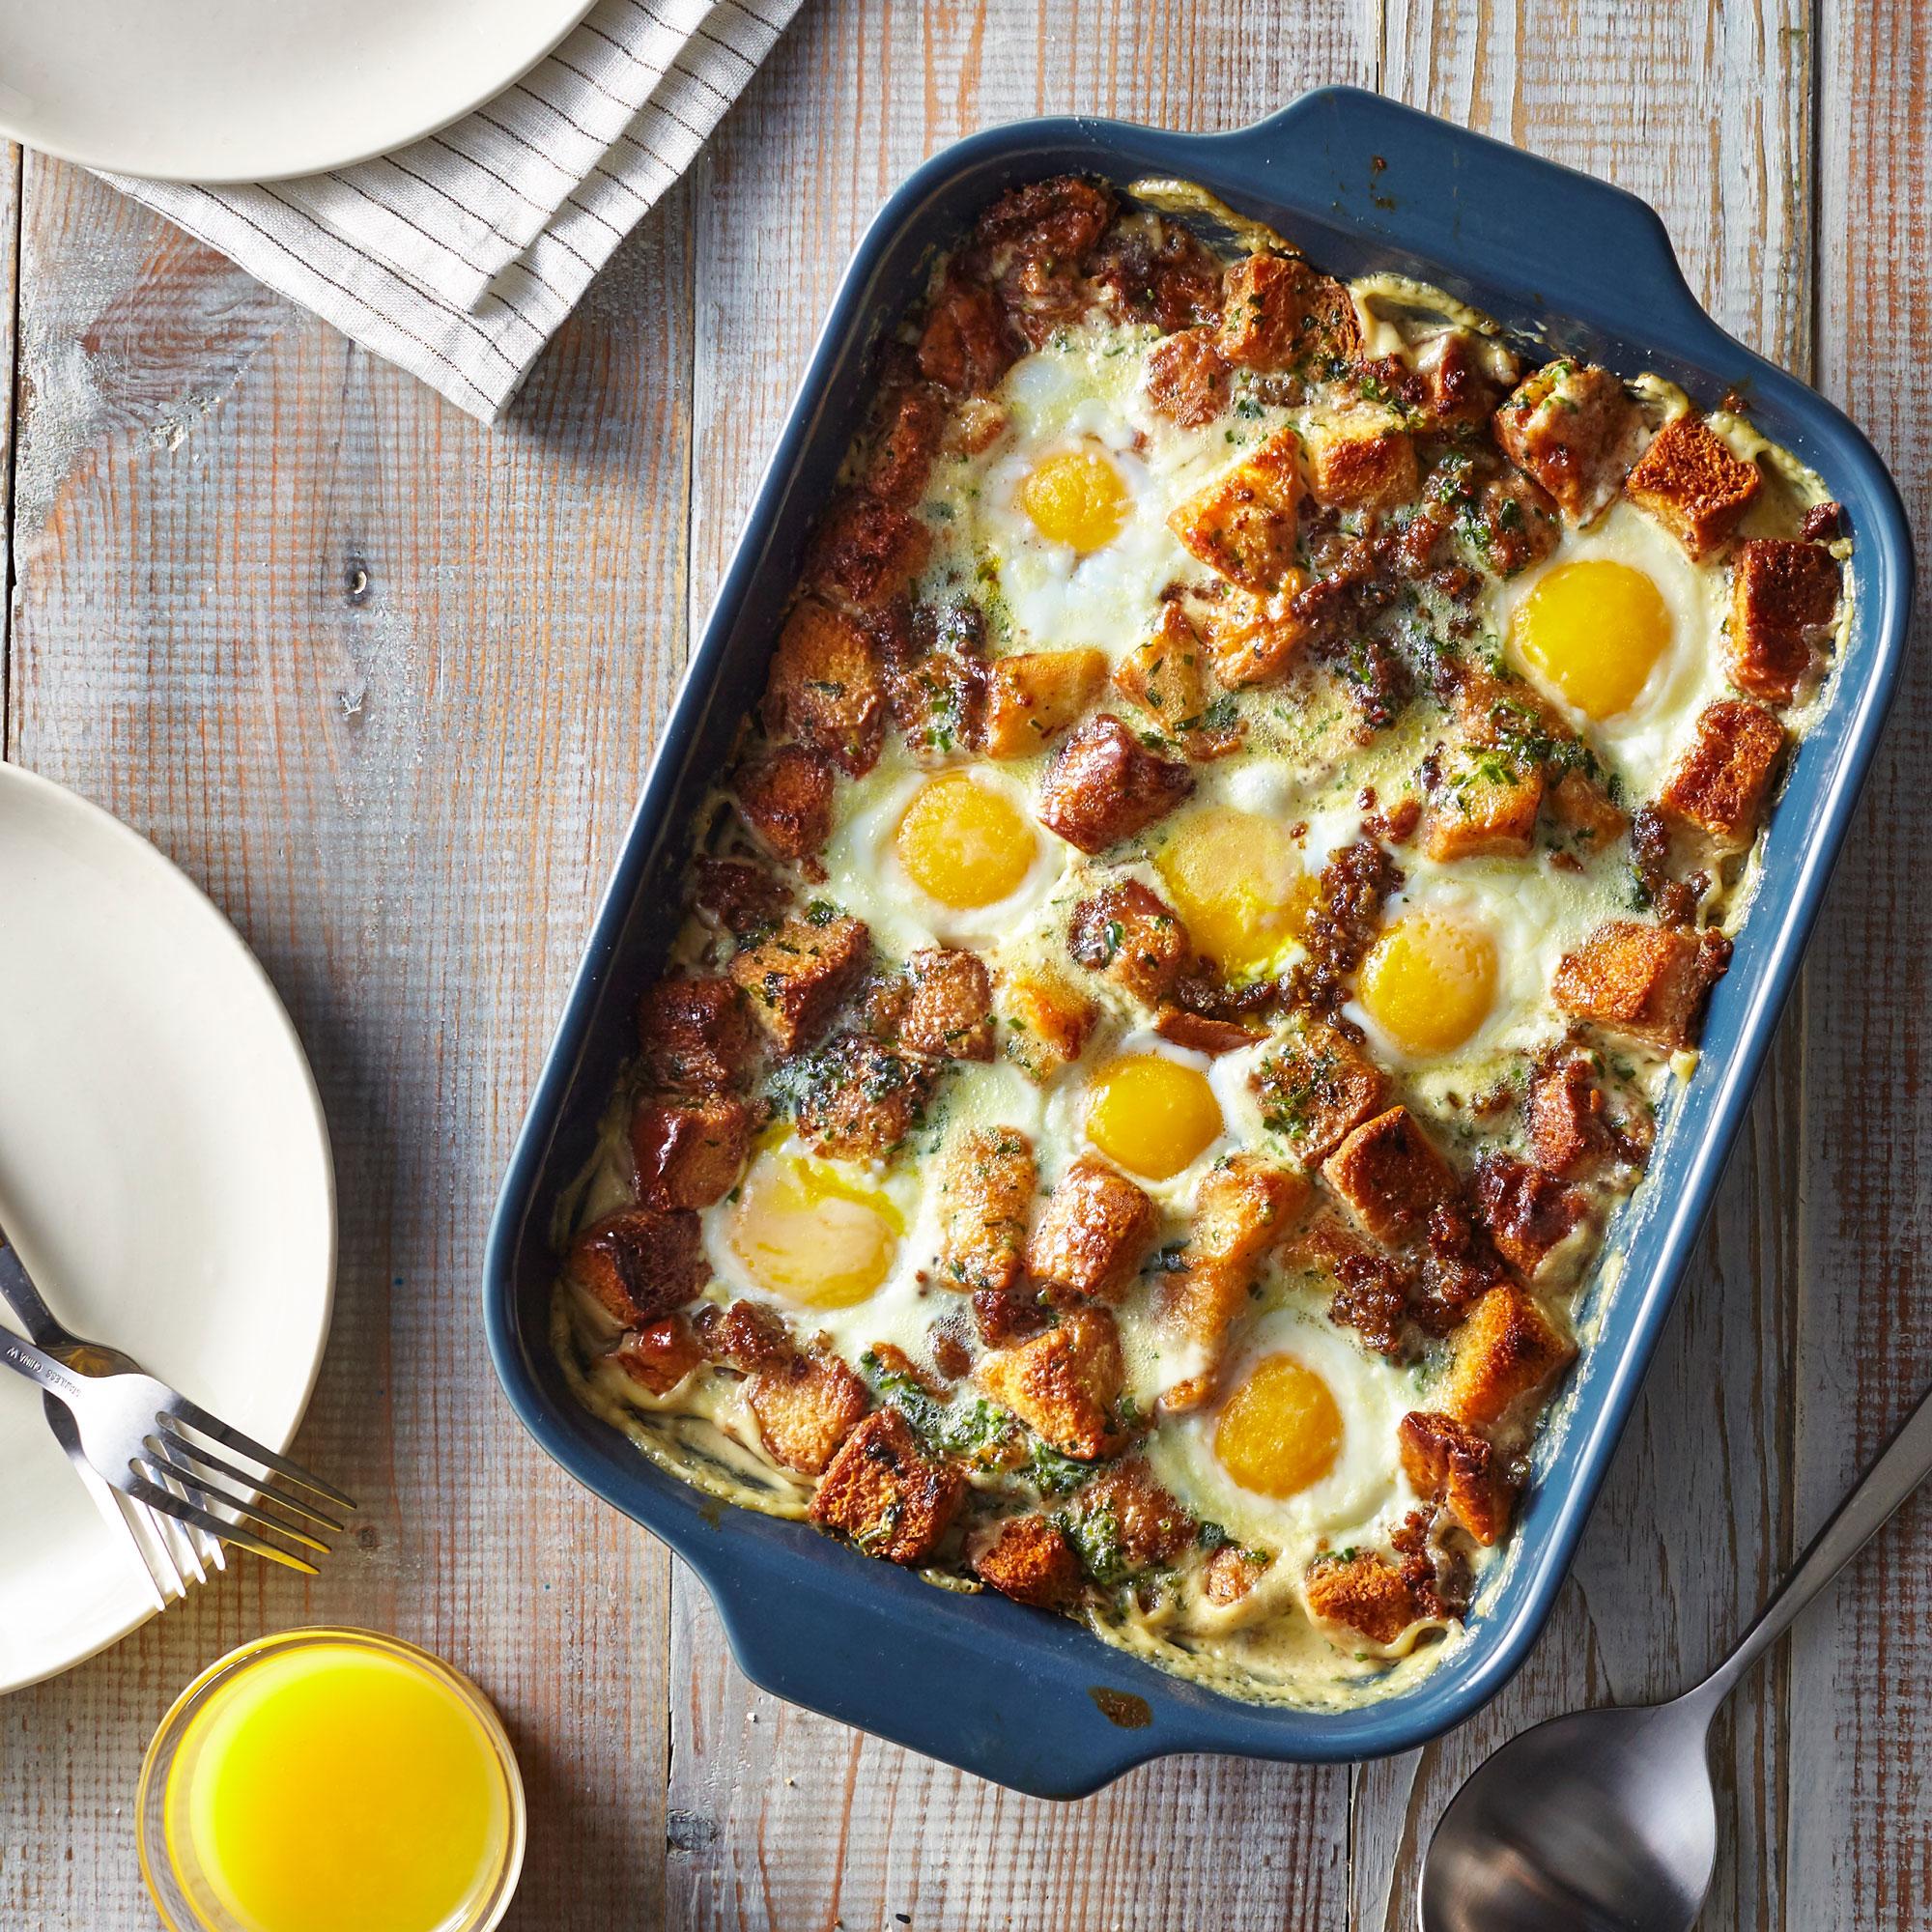 Creamy Brioche and Egg Bake image